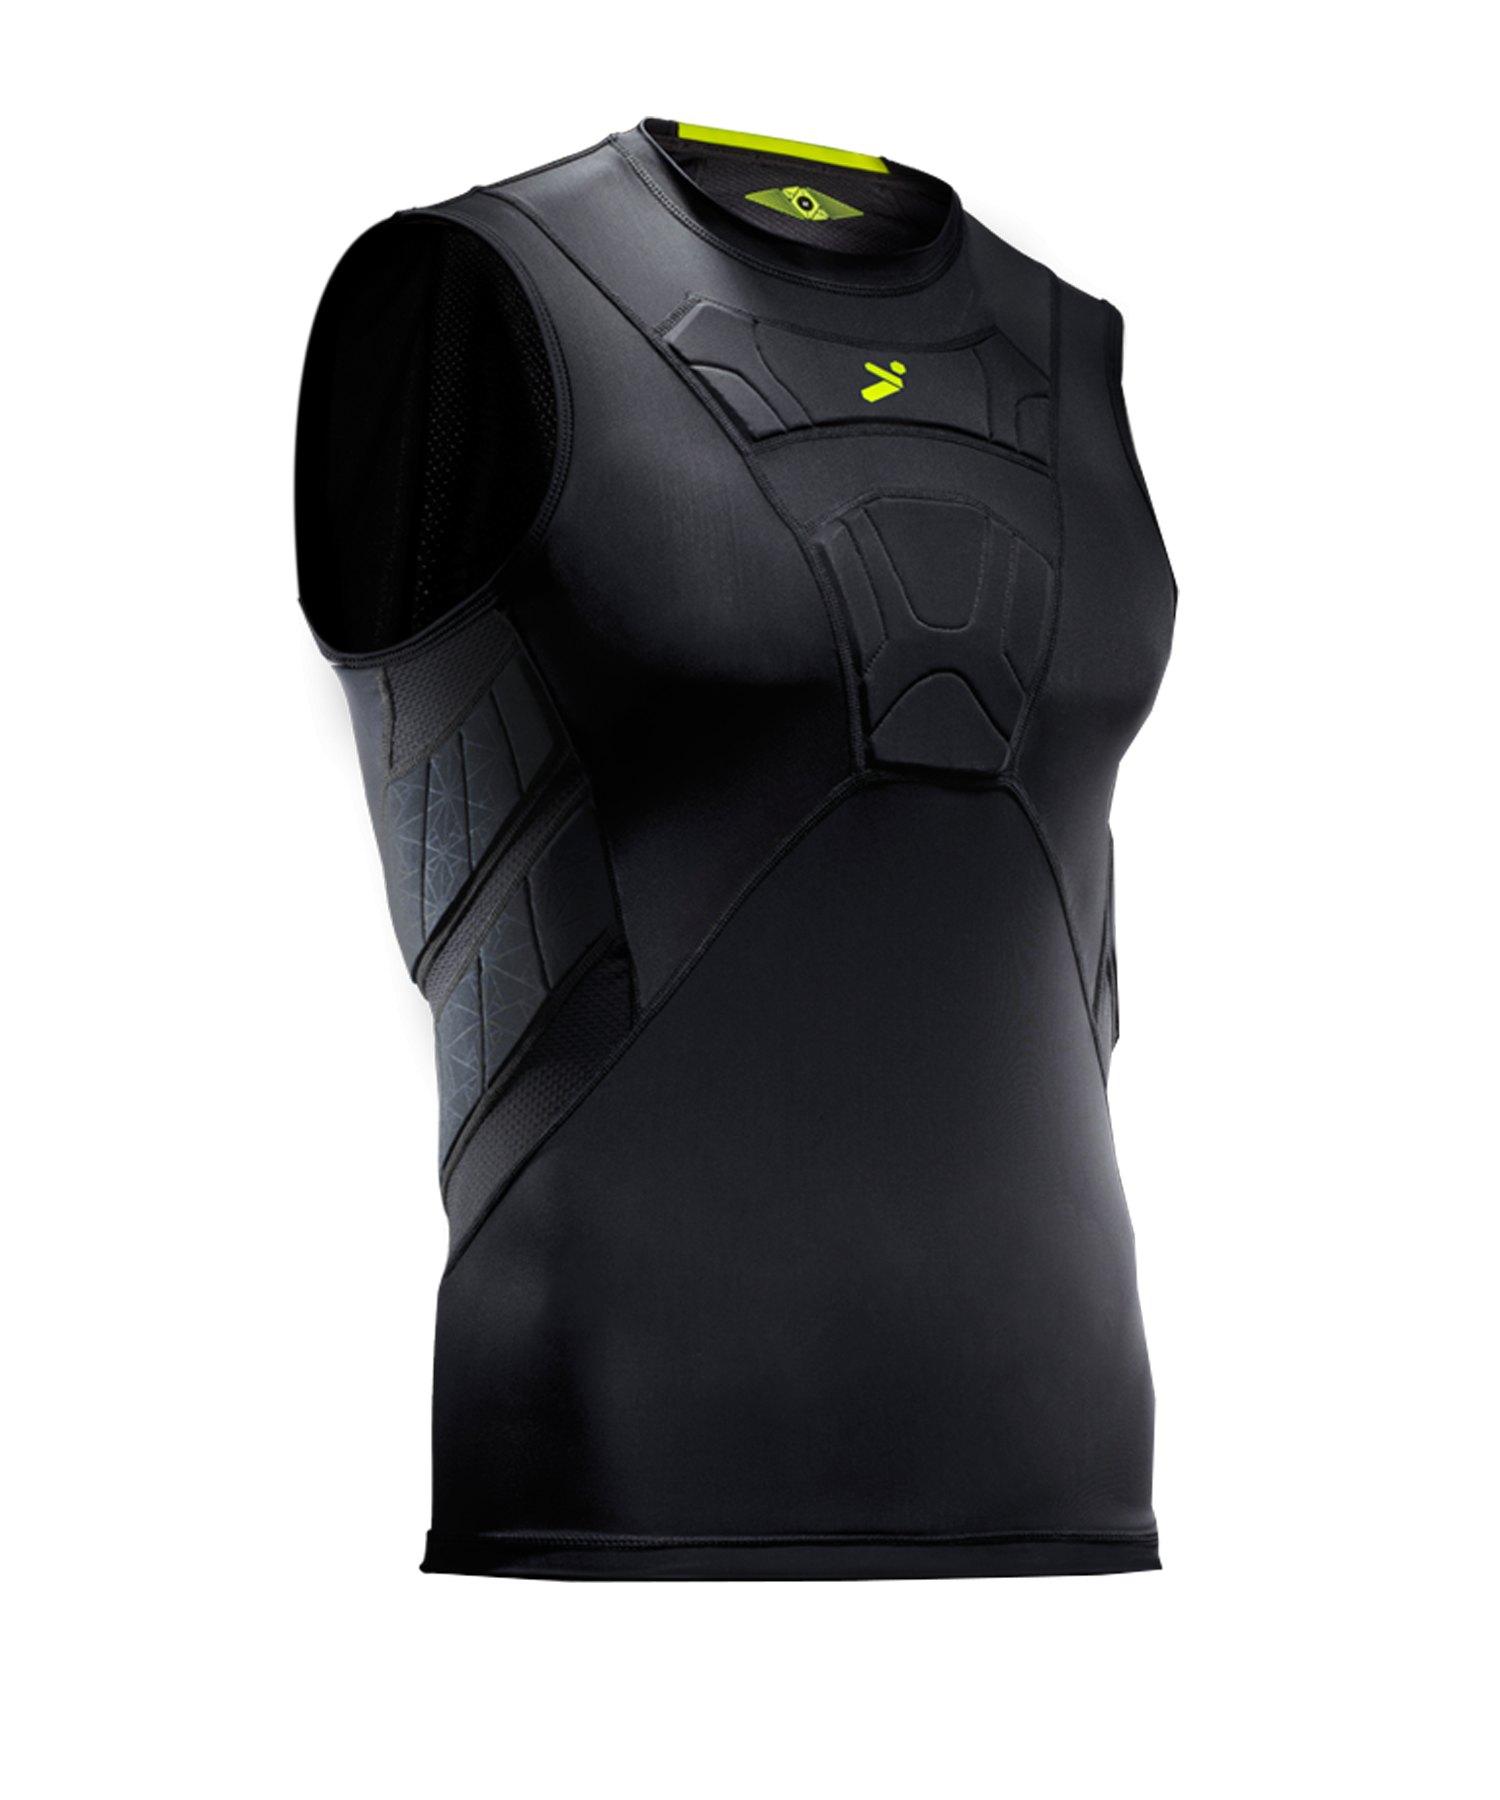 Storelli Bodyshield Sleeveless Shirt Schwarz - schwarz